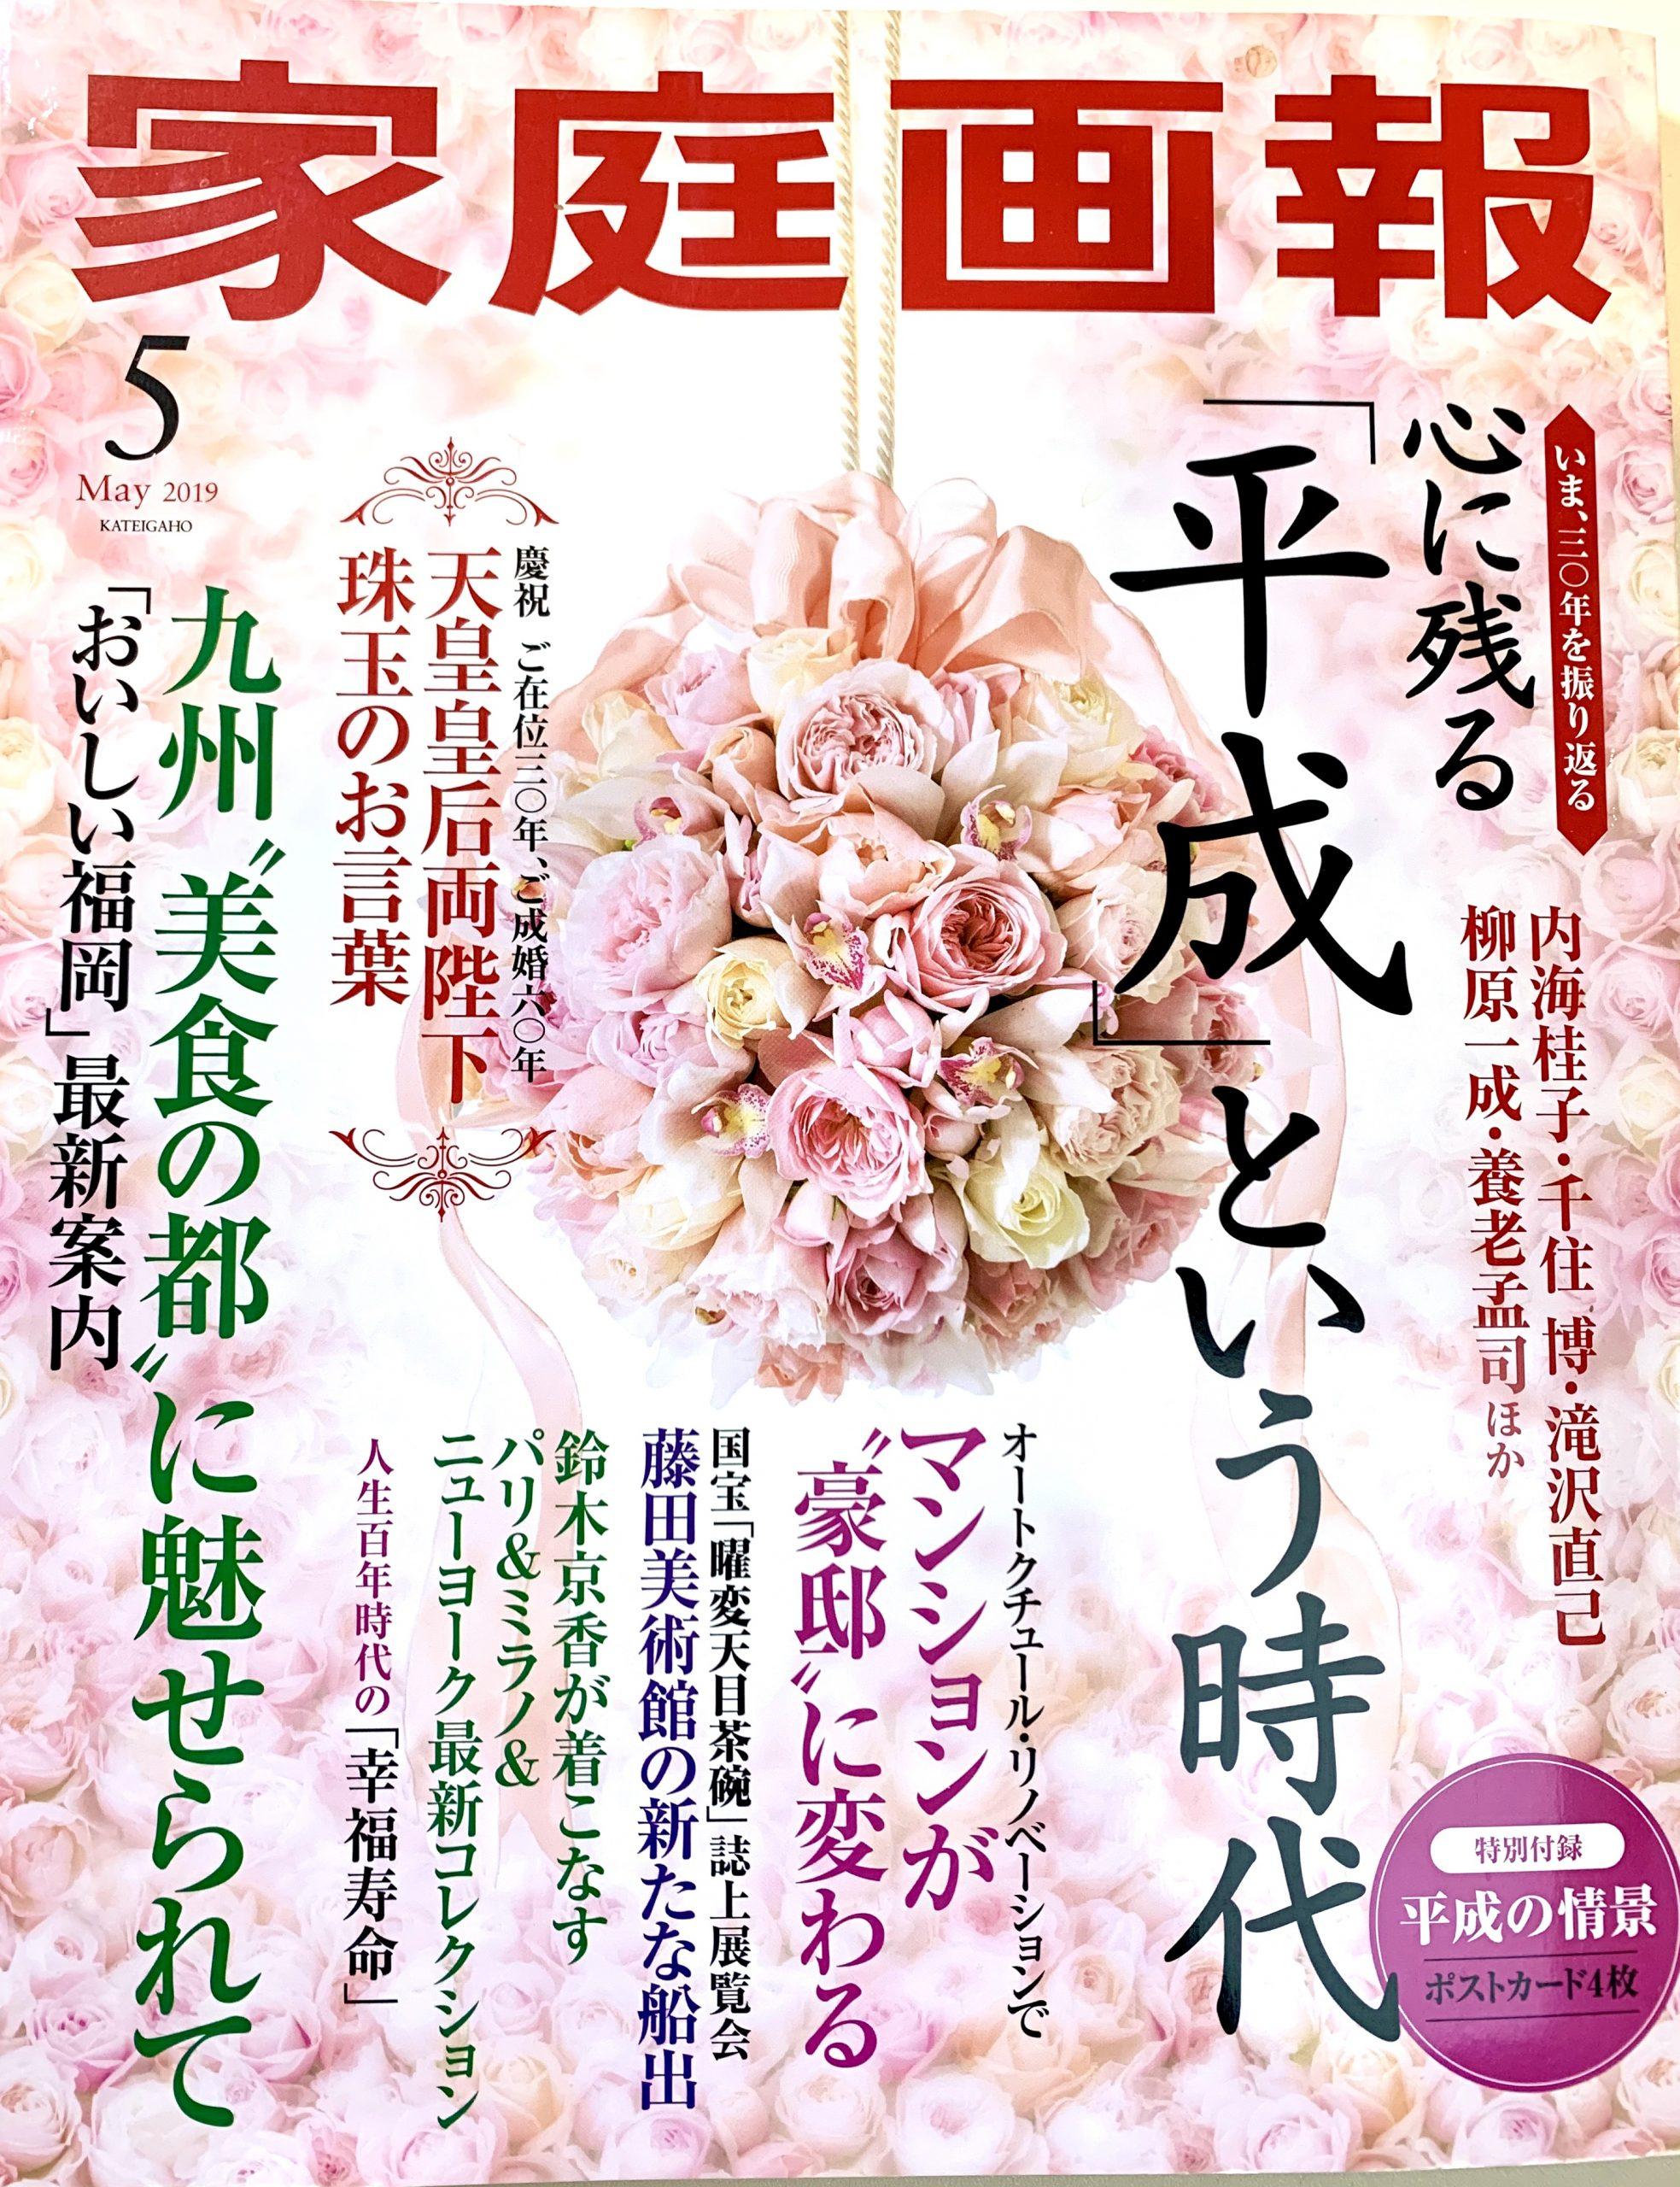 4月1日発売「家庭画報」5月号にミスキョウコが掲載されました。